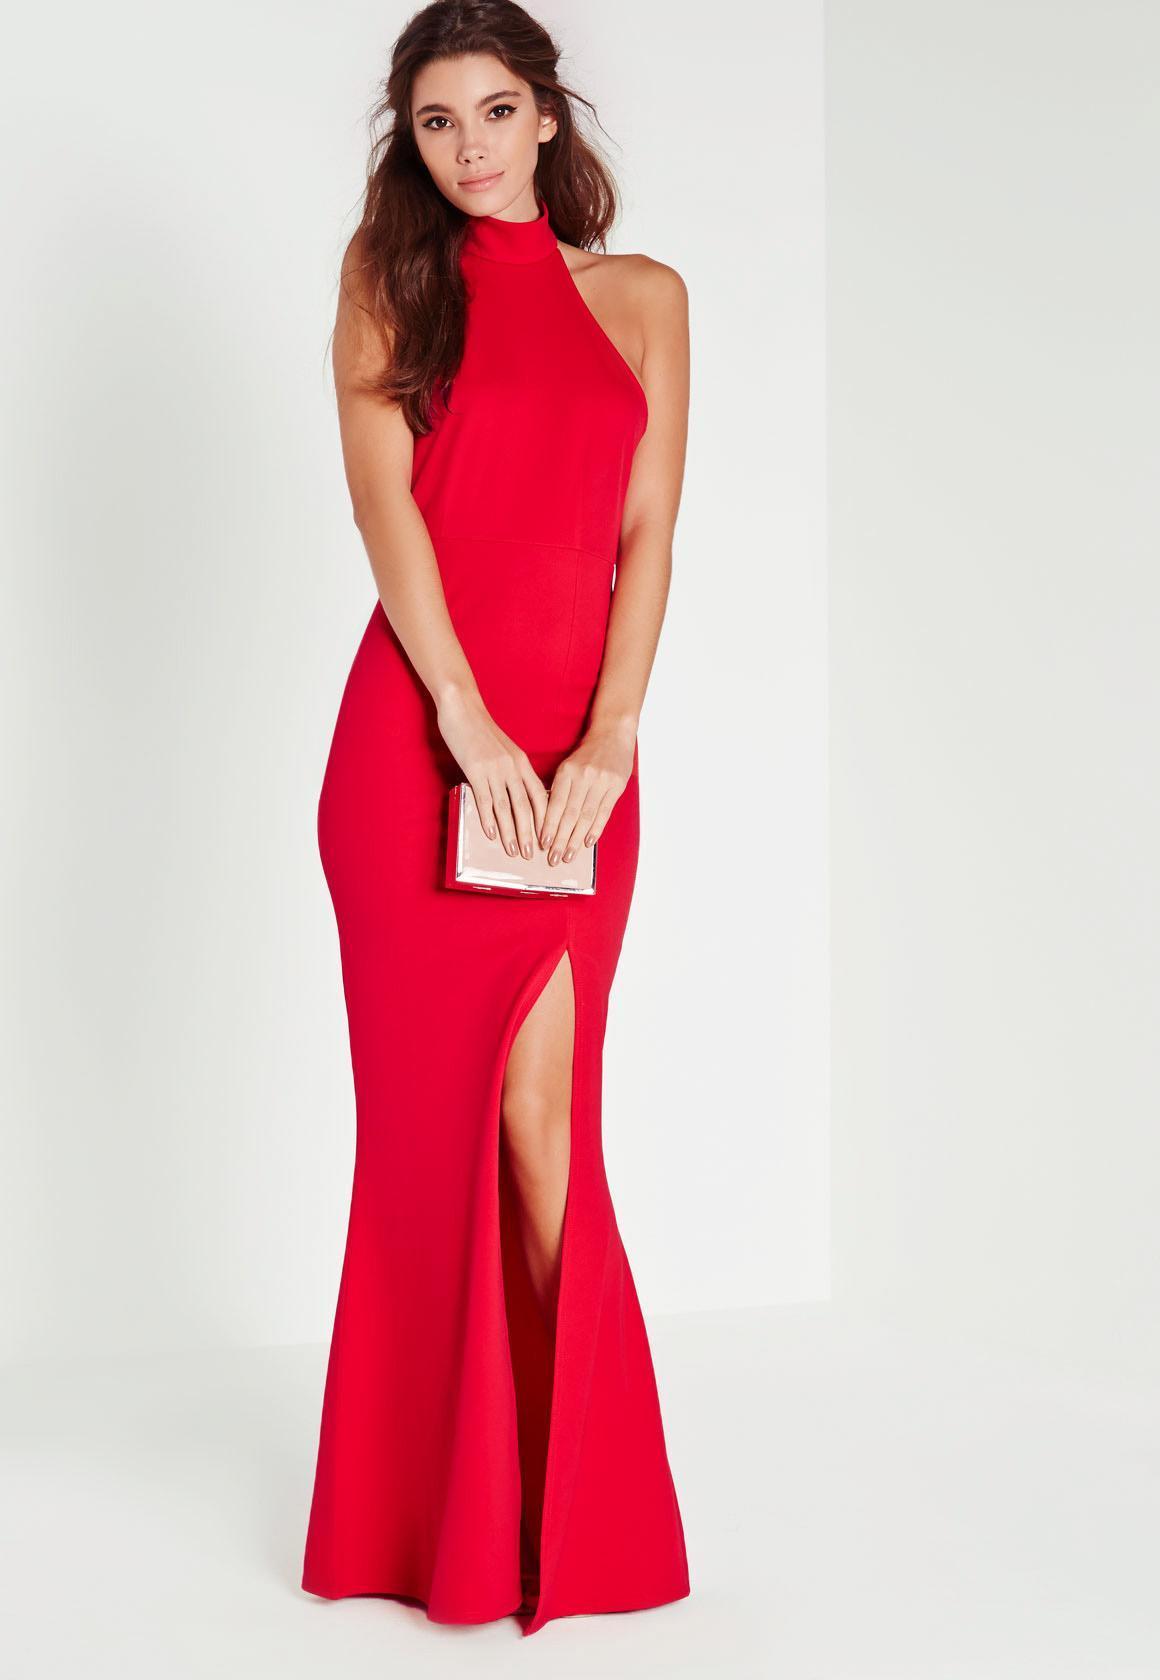 Robe rouge fendue